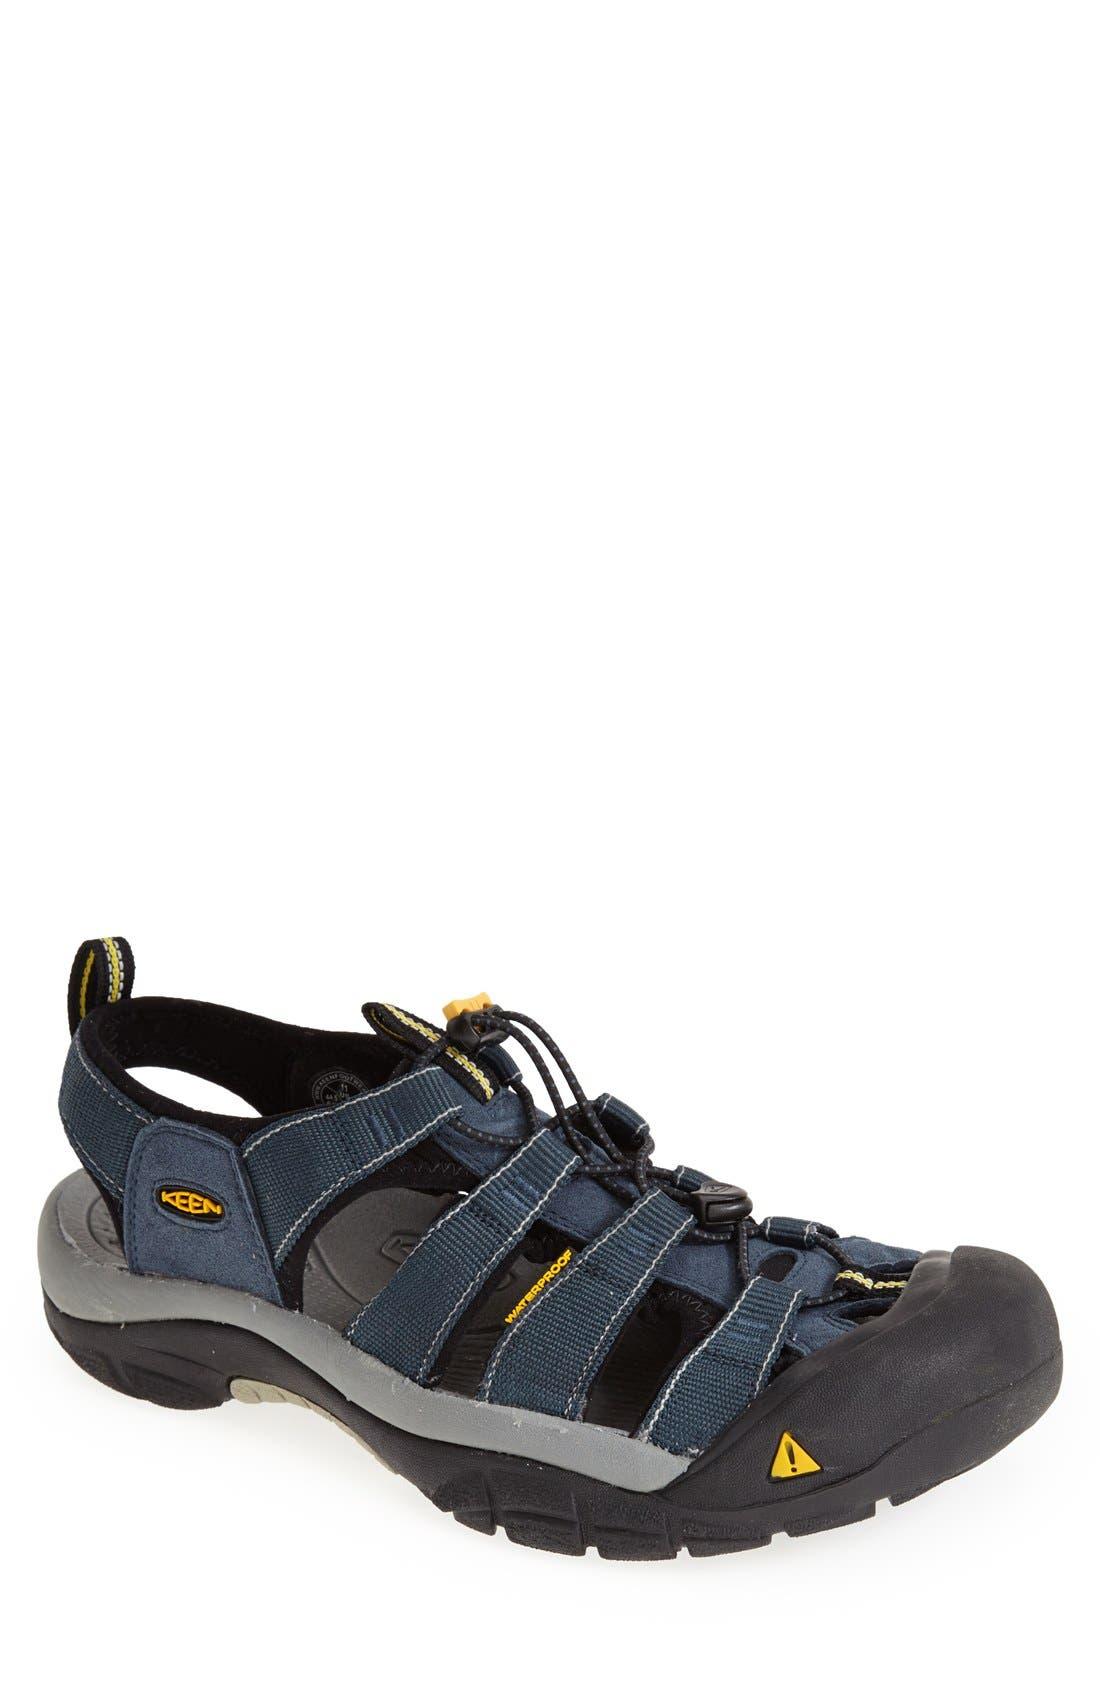 011d81ec59c6 UPC 871209115891 - Keen Newport H2 (Navy Medium Grey) Men s Sandals ...